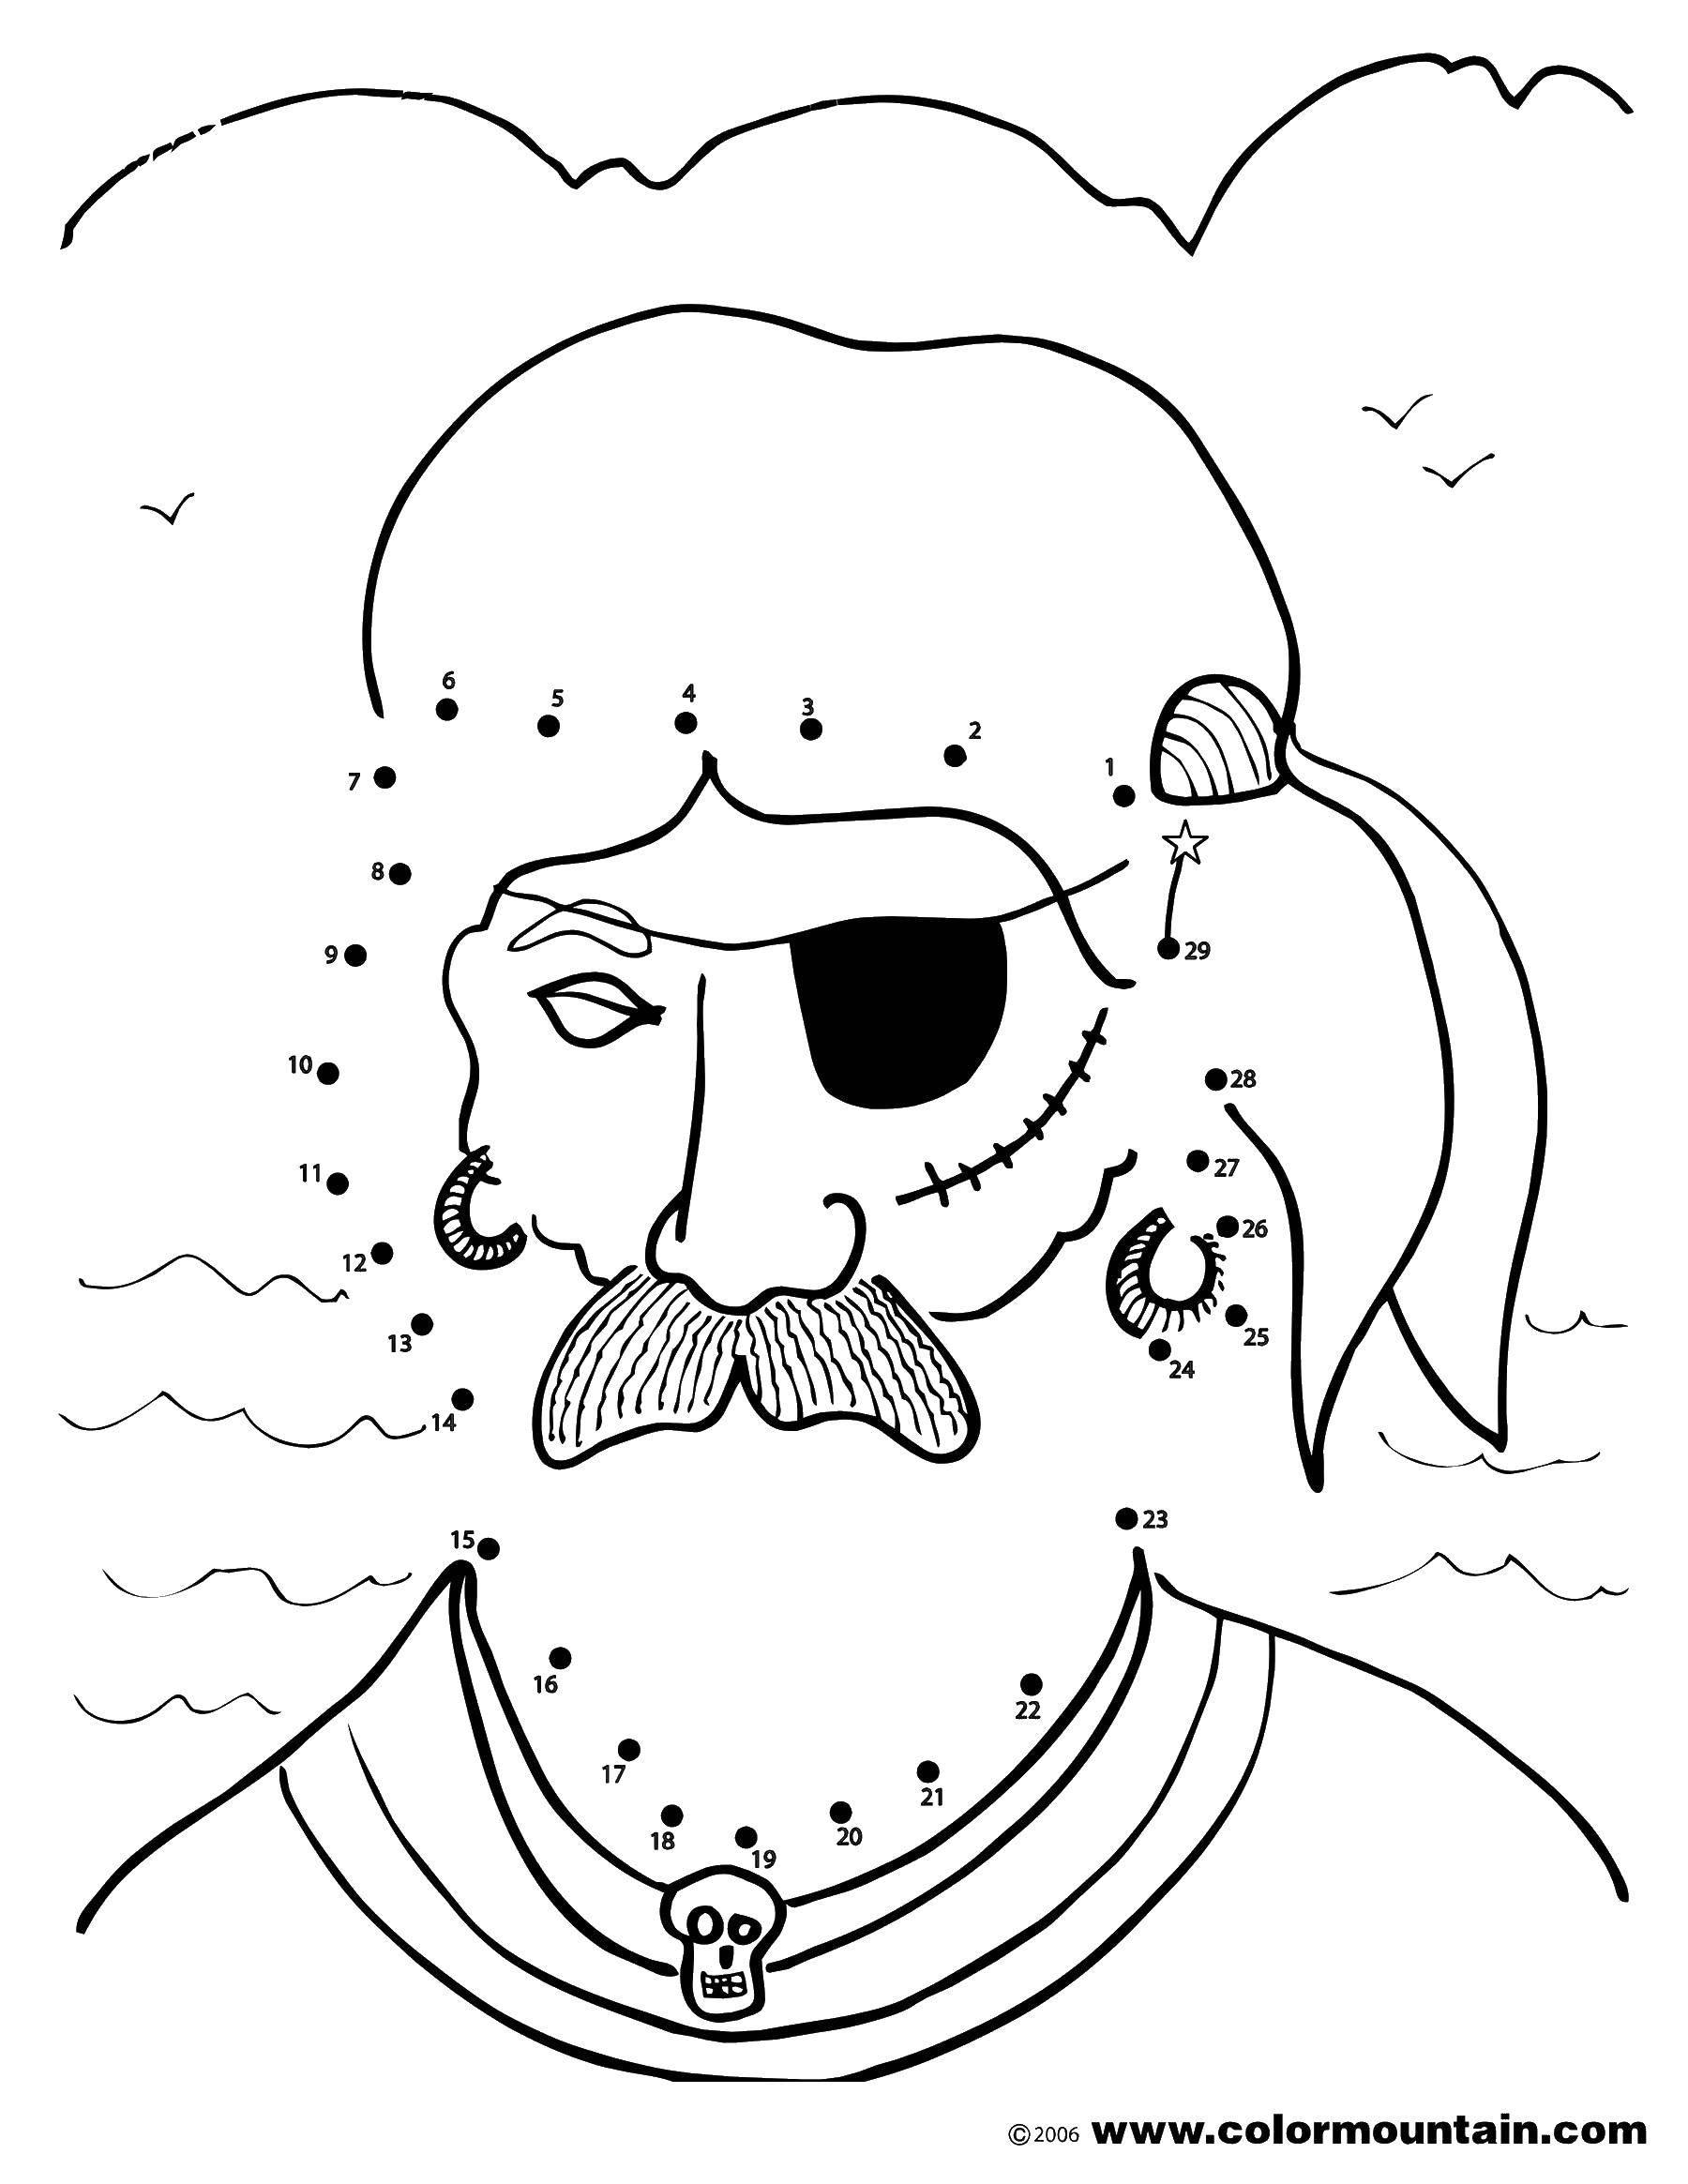 Название: Раскраска Пират с усами. Категория: Нарисуй по точкам. Теги: пират, усы, череп, серьги.